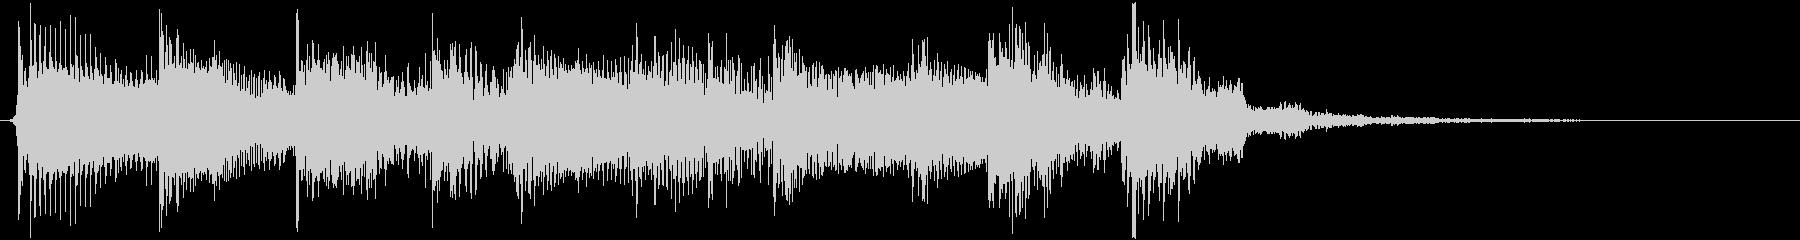 ドラムのリズムが軽快なロックの未再生の波形